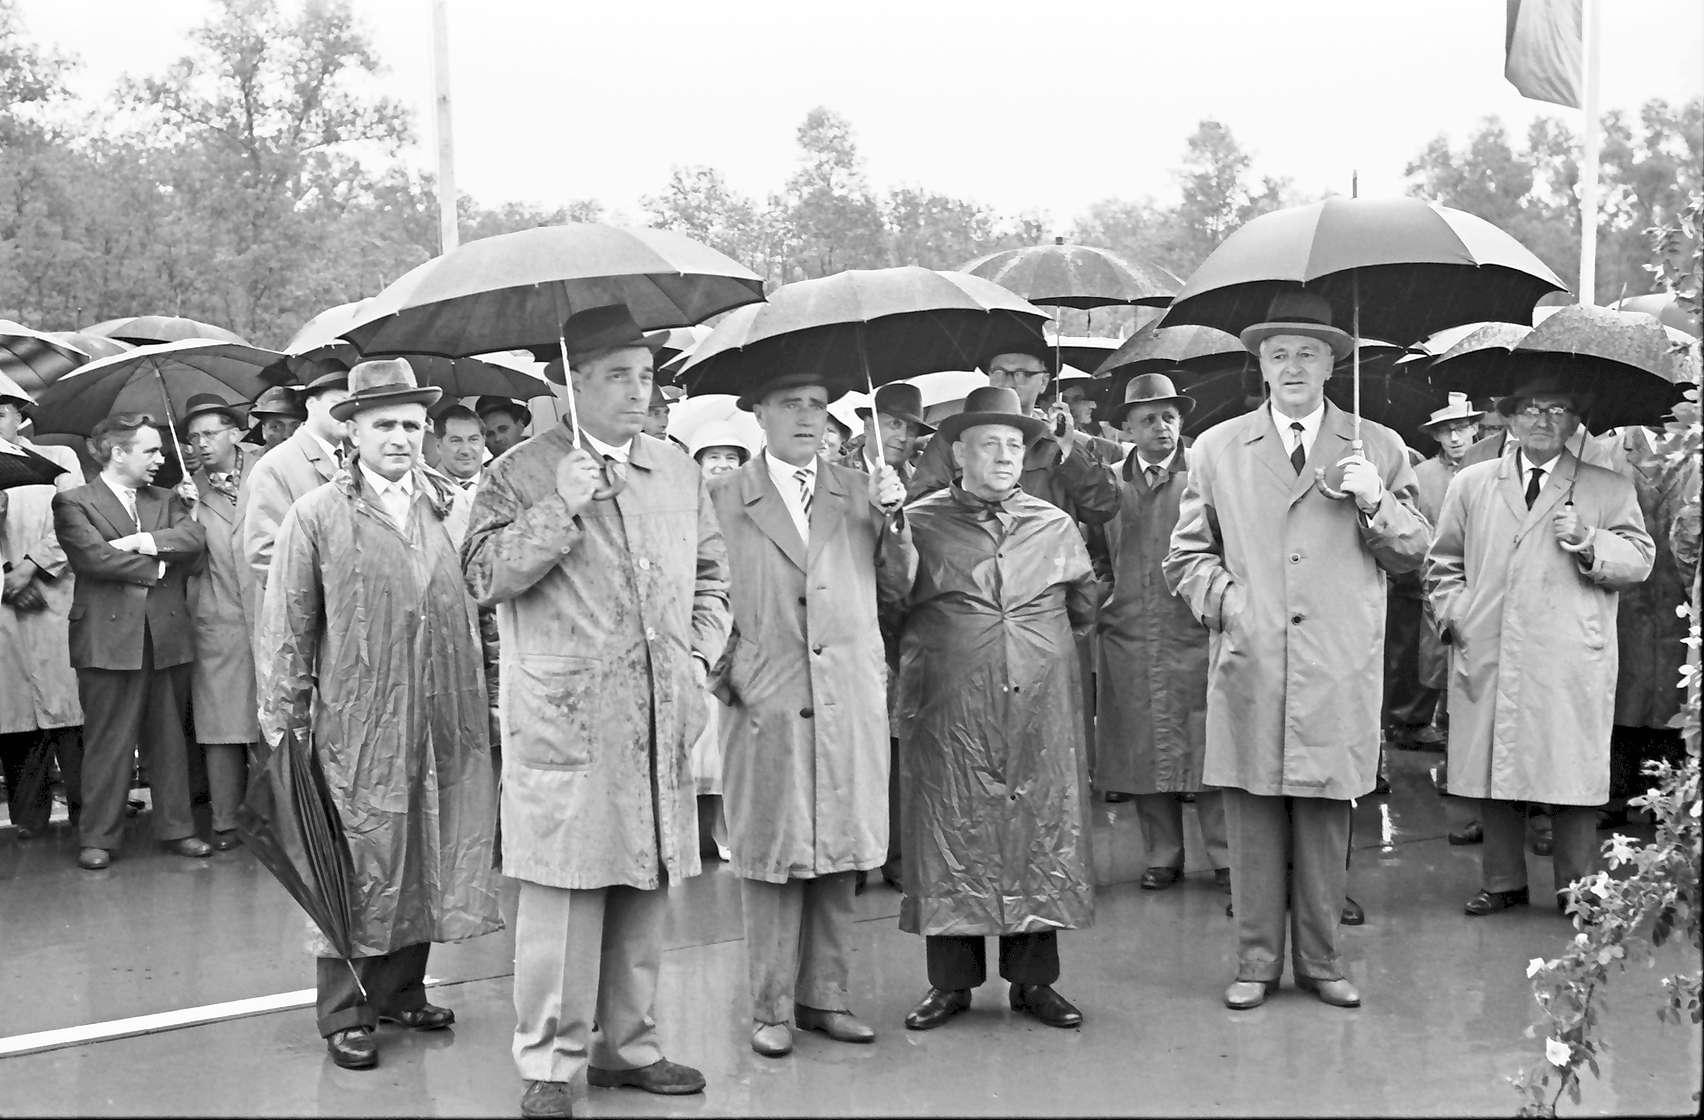 Appenweier: Eröffnungsfeier der Strecke Achern - Appenweier; Ehrengäste im Regen, Bild 1